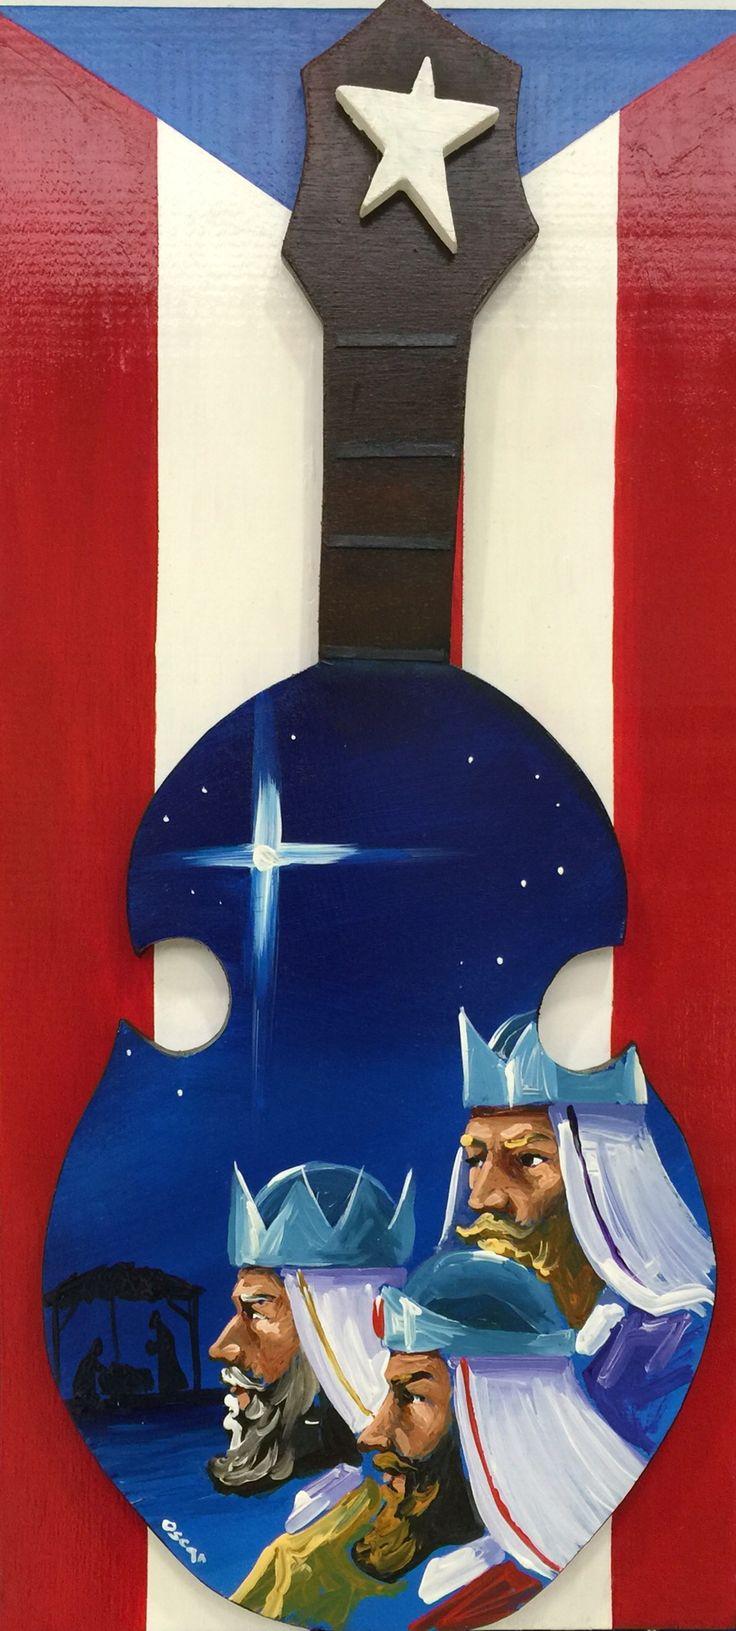 Artesanía de Puerto Rico, reyes magos sobre cuatro puertorriqueño y bandera de Puerto Rico al óleo sobre madera.